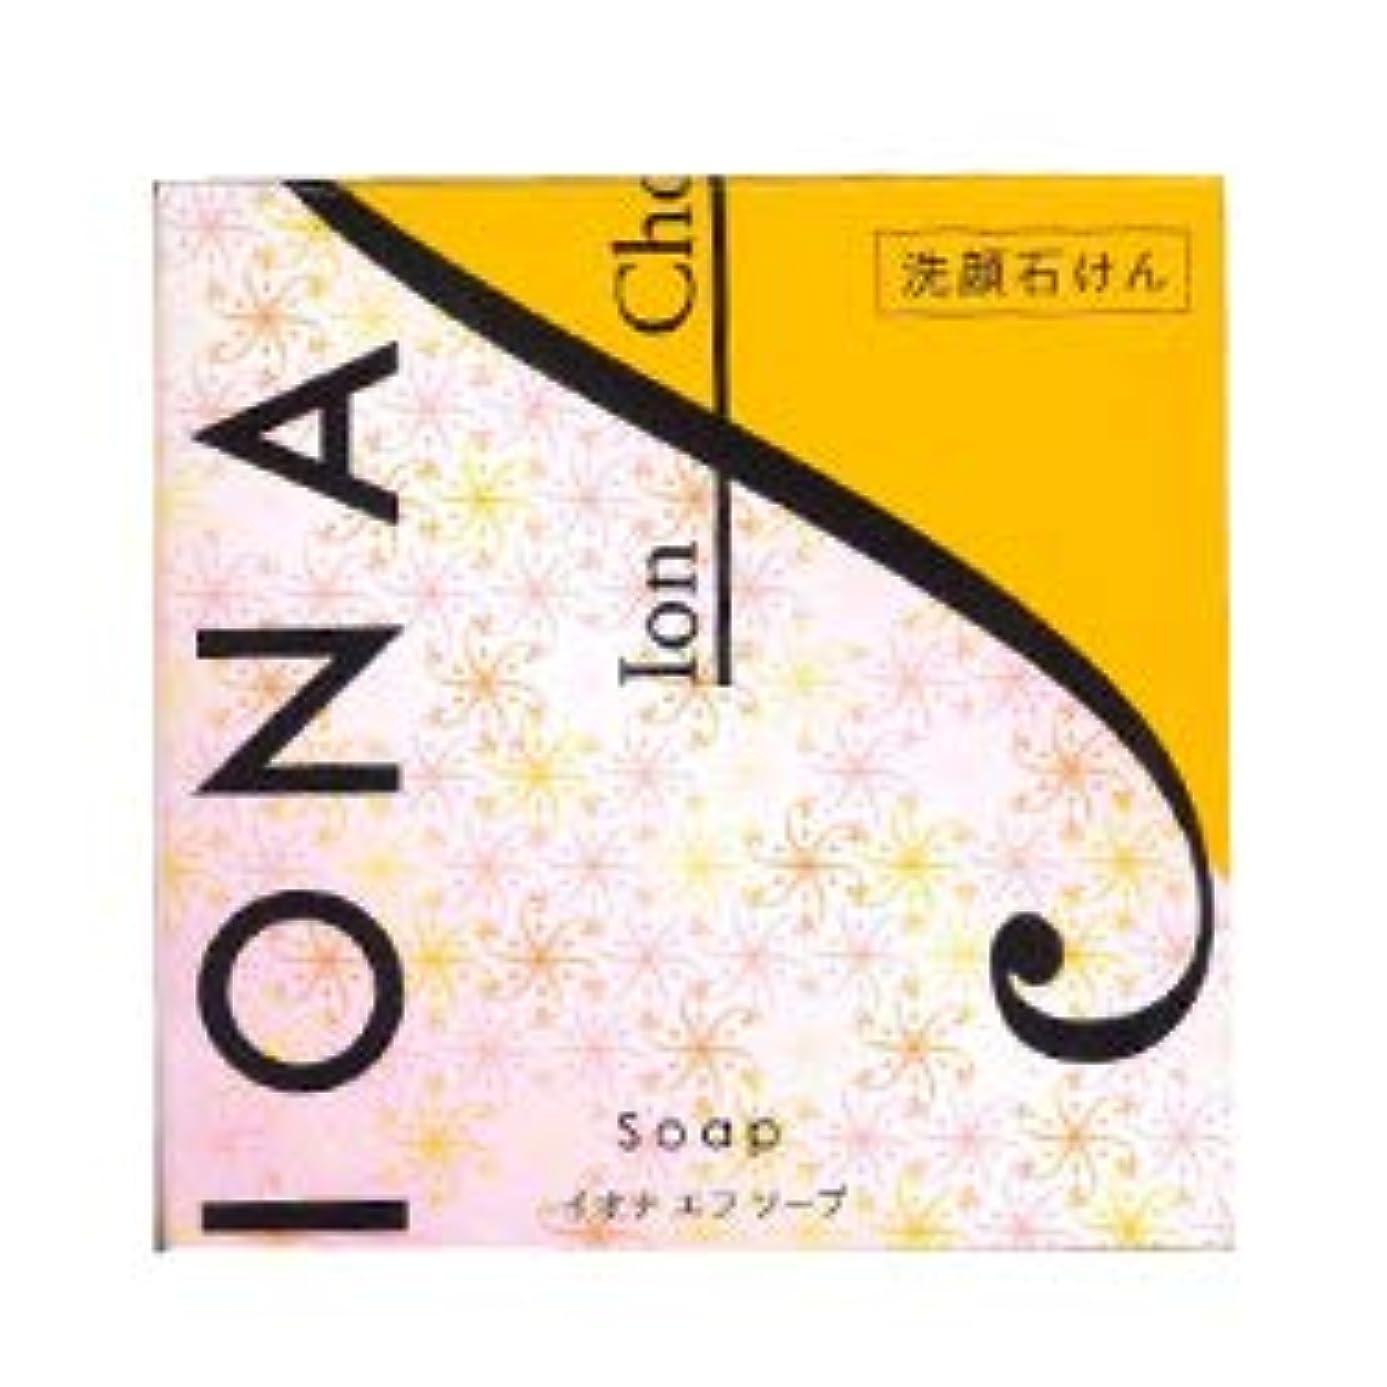 視聴者そうセマフォ【イオナ】イオナ エフ ソープ 90g